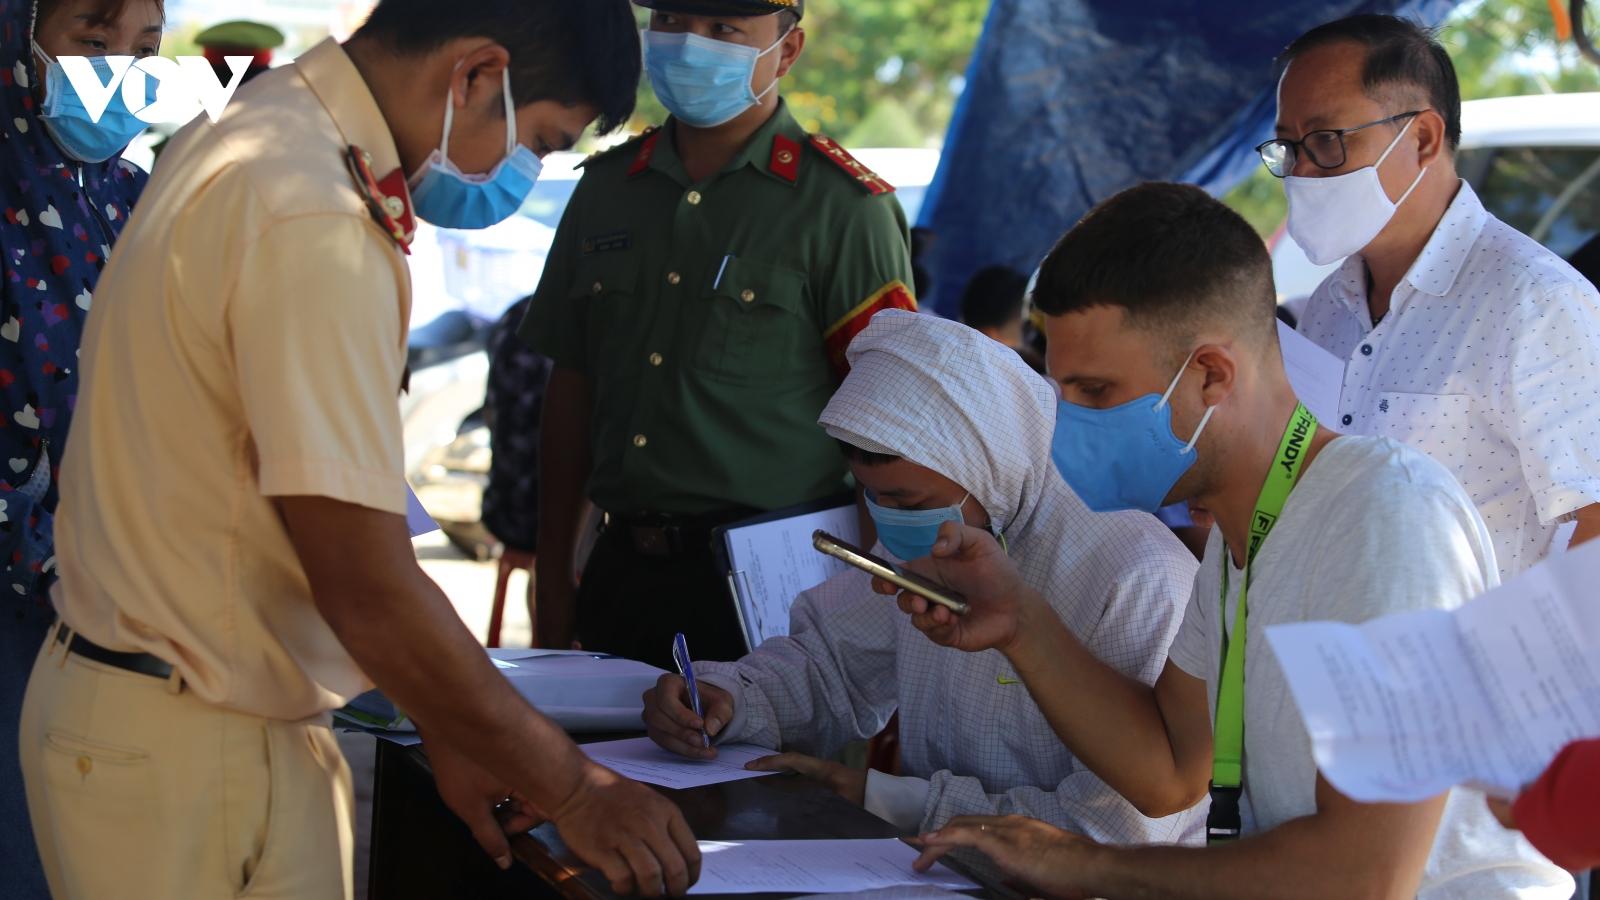 Quảng Nam lập 7 chốtkiểm soát người và phương tiện vào địa bàn